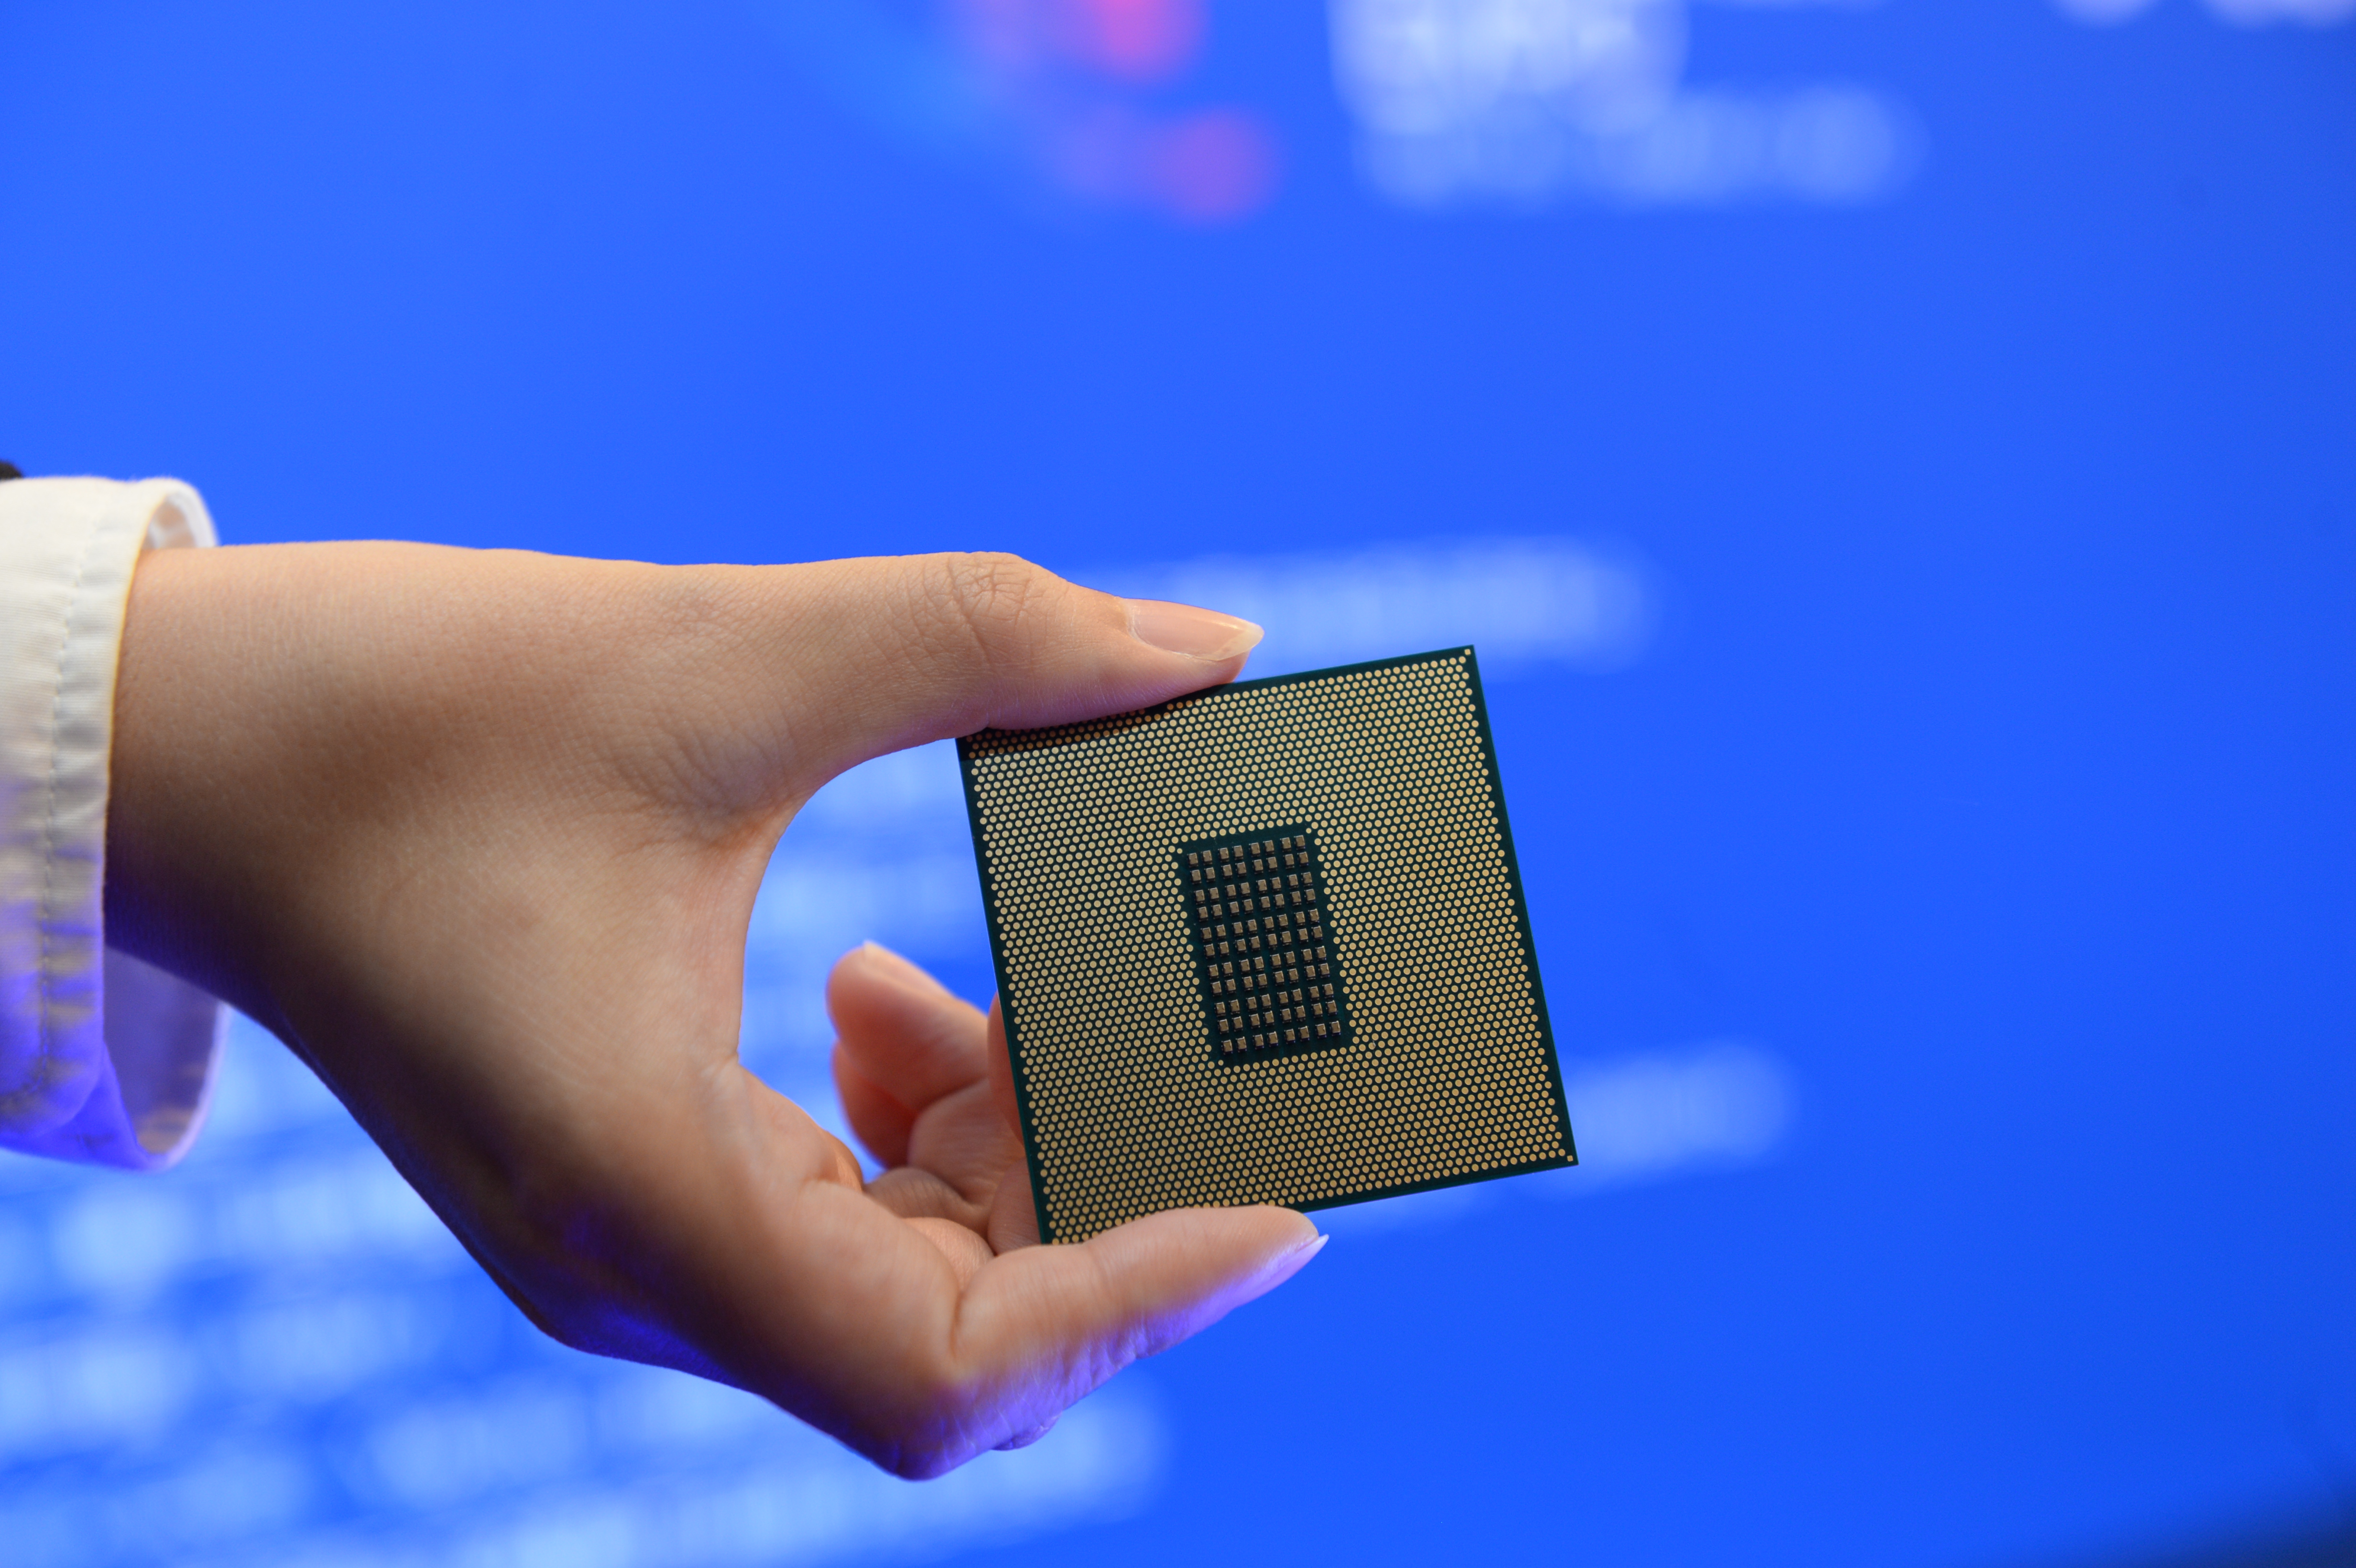 India egymilliárd dollárt fizetne a cégeknek, ha vállalják, hogy chipeket gyártanak az országban